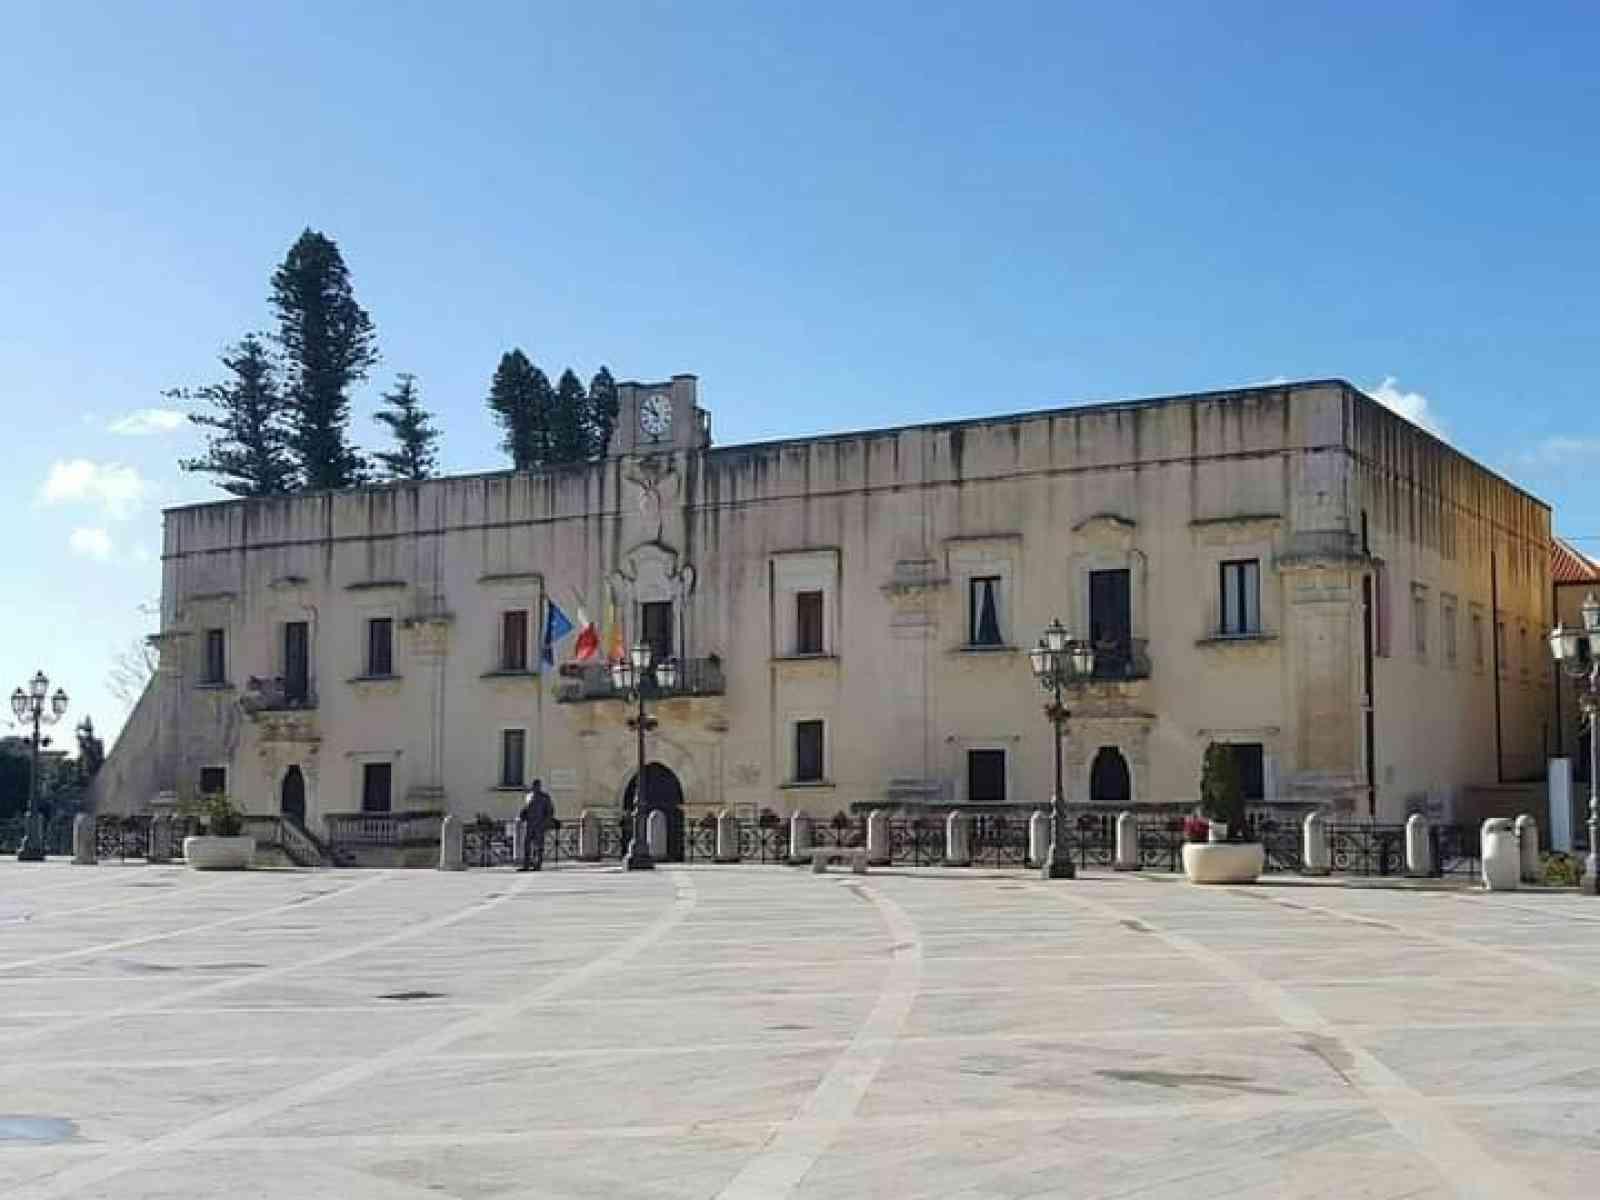 Immagine articolo: Palazzo comunale di Santa Margherita, arriva l'ascensore per gli utenti con difficoltà motorie